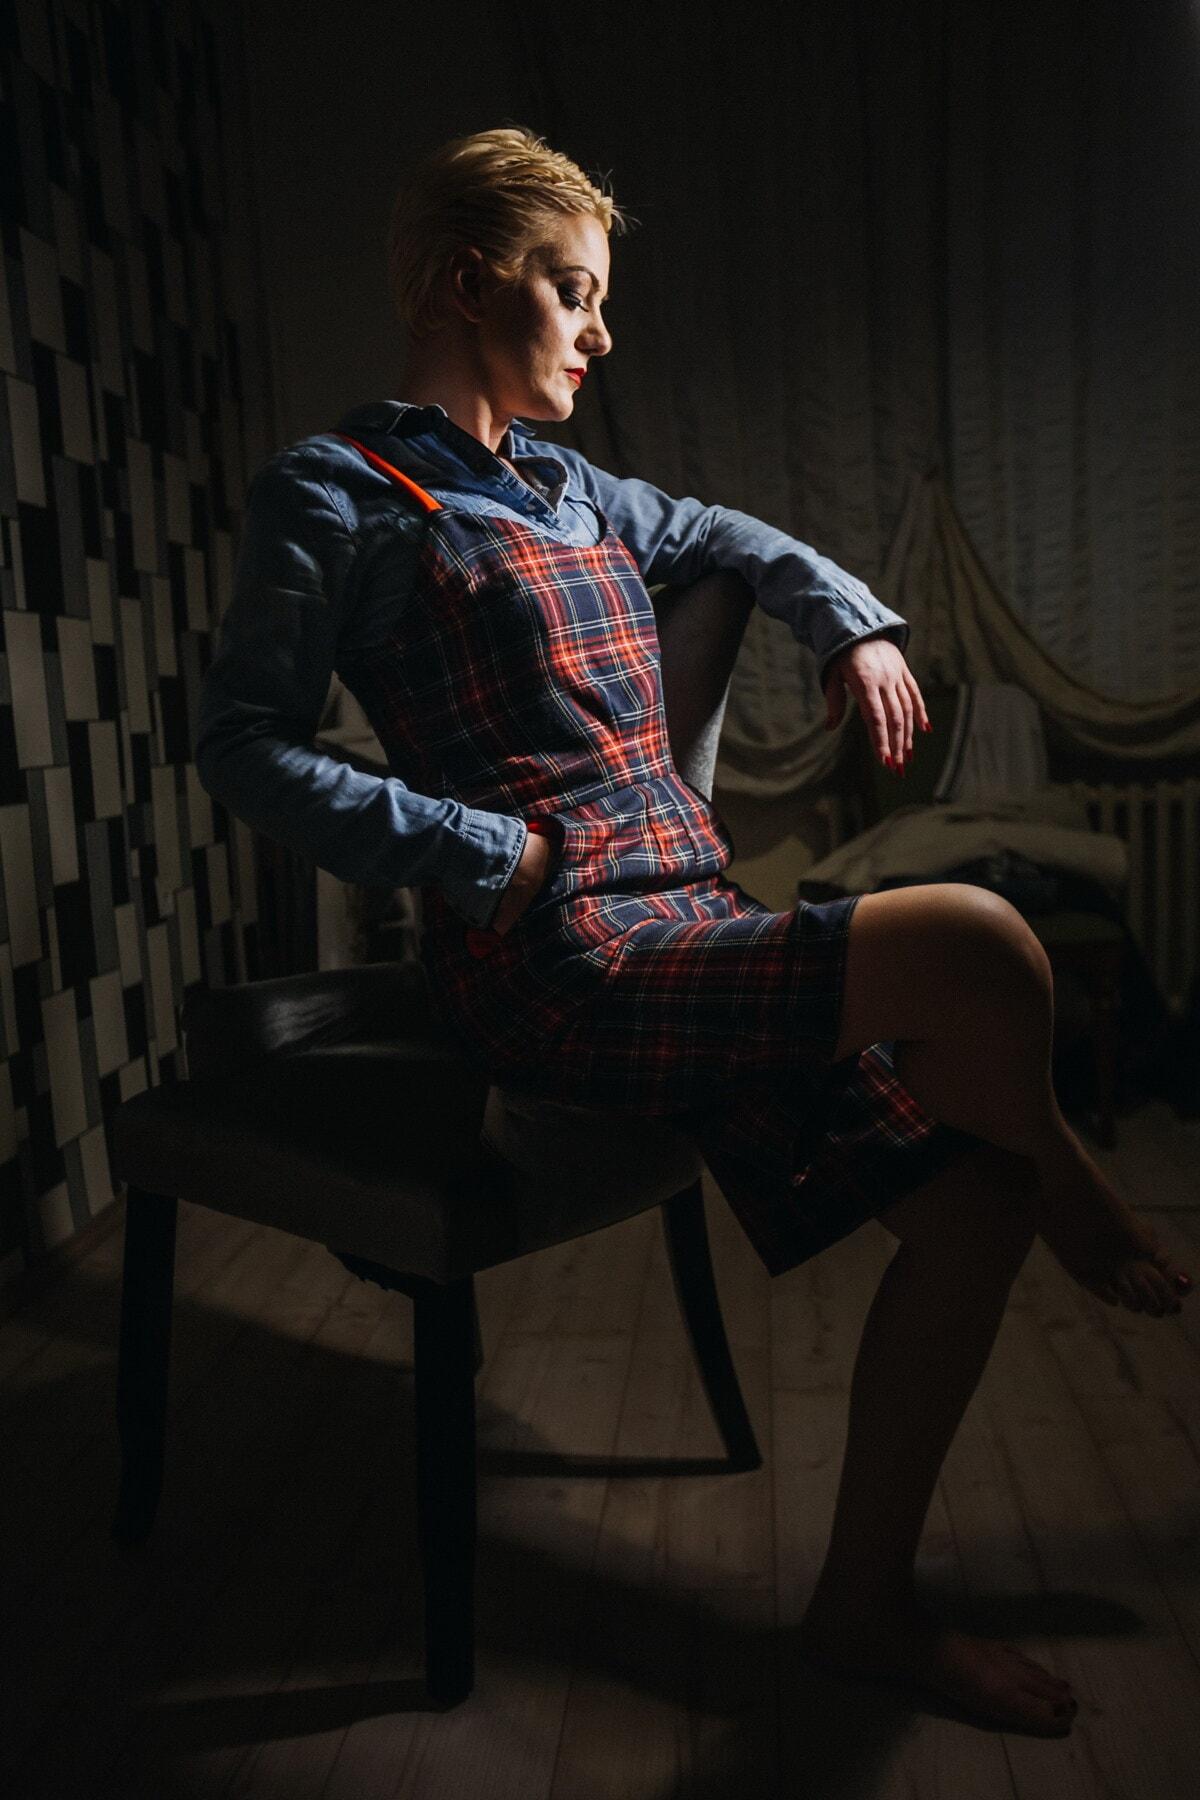 fiatal nő, szoknya, képzelet, alkalmi, stílus, ül, fénykép modell, árnyék, sötétség, fotó stúdió